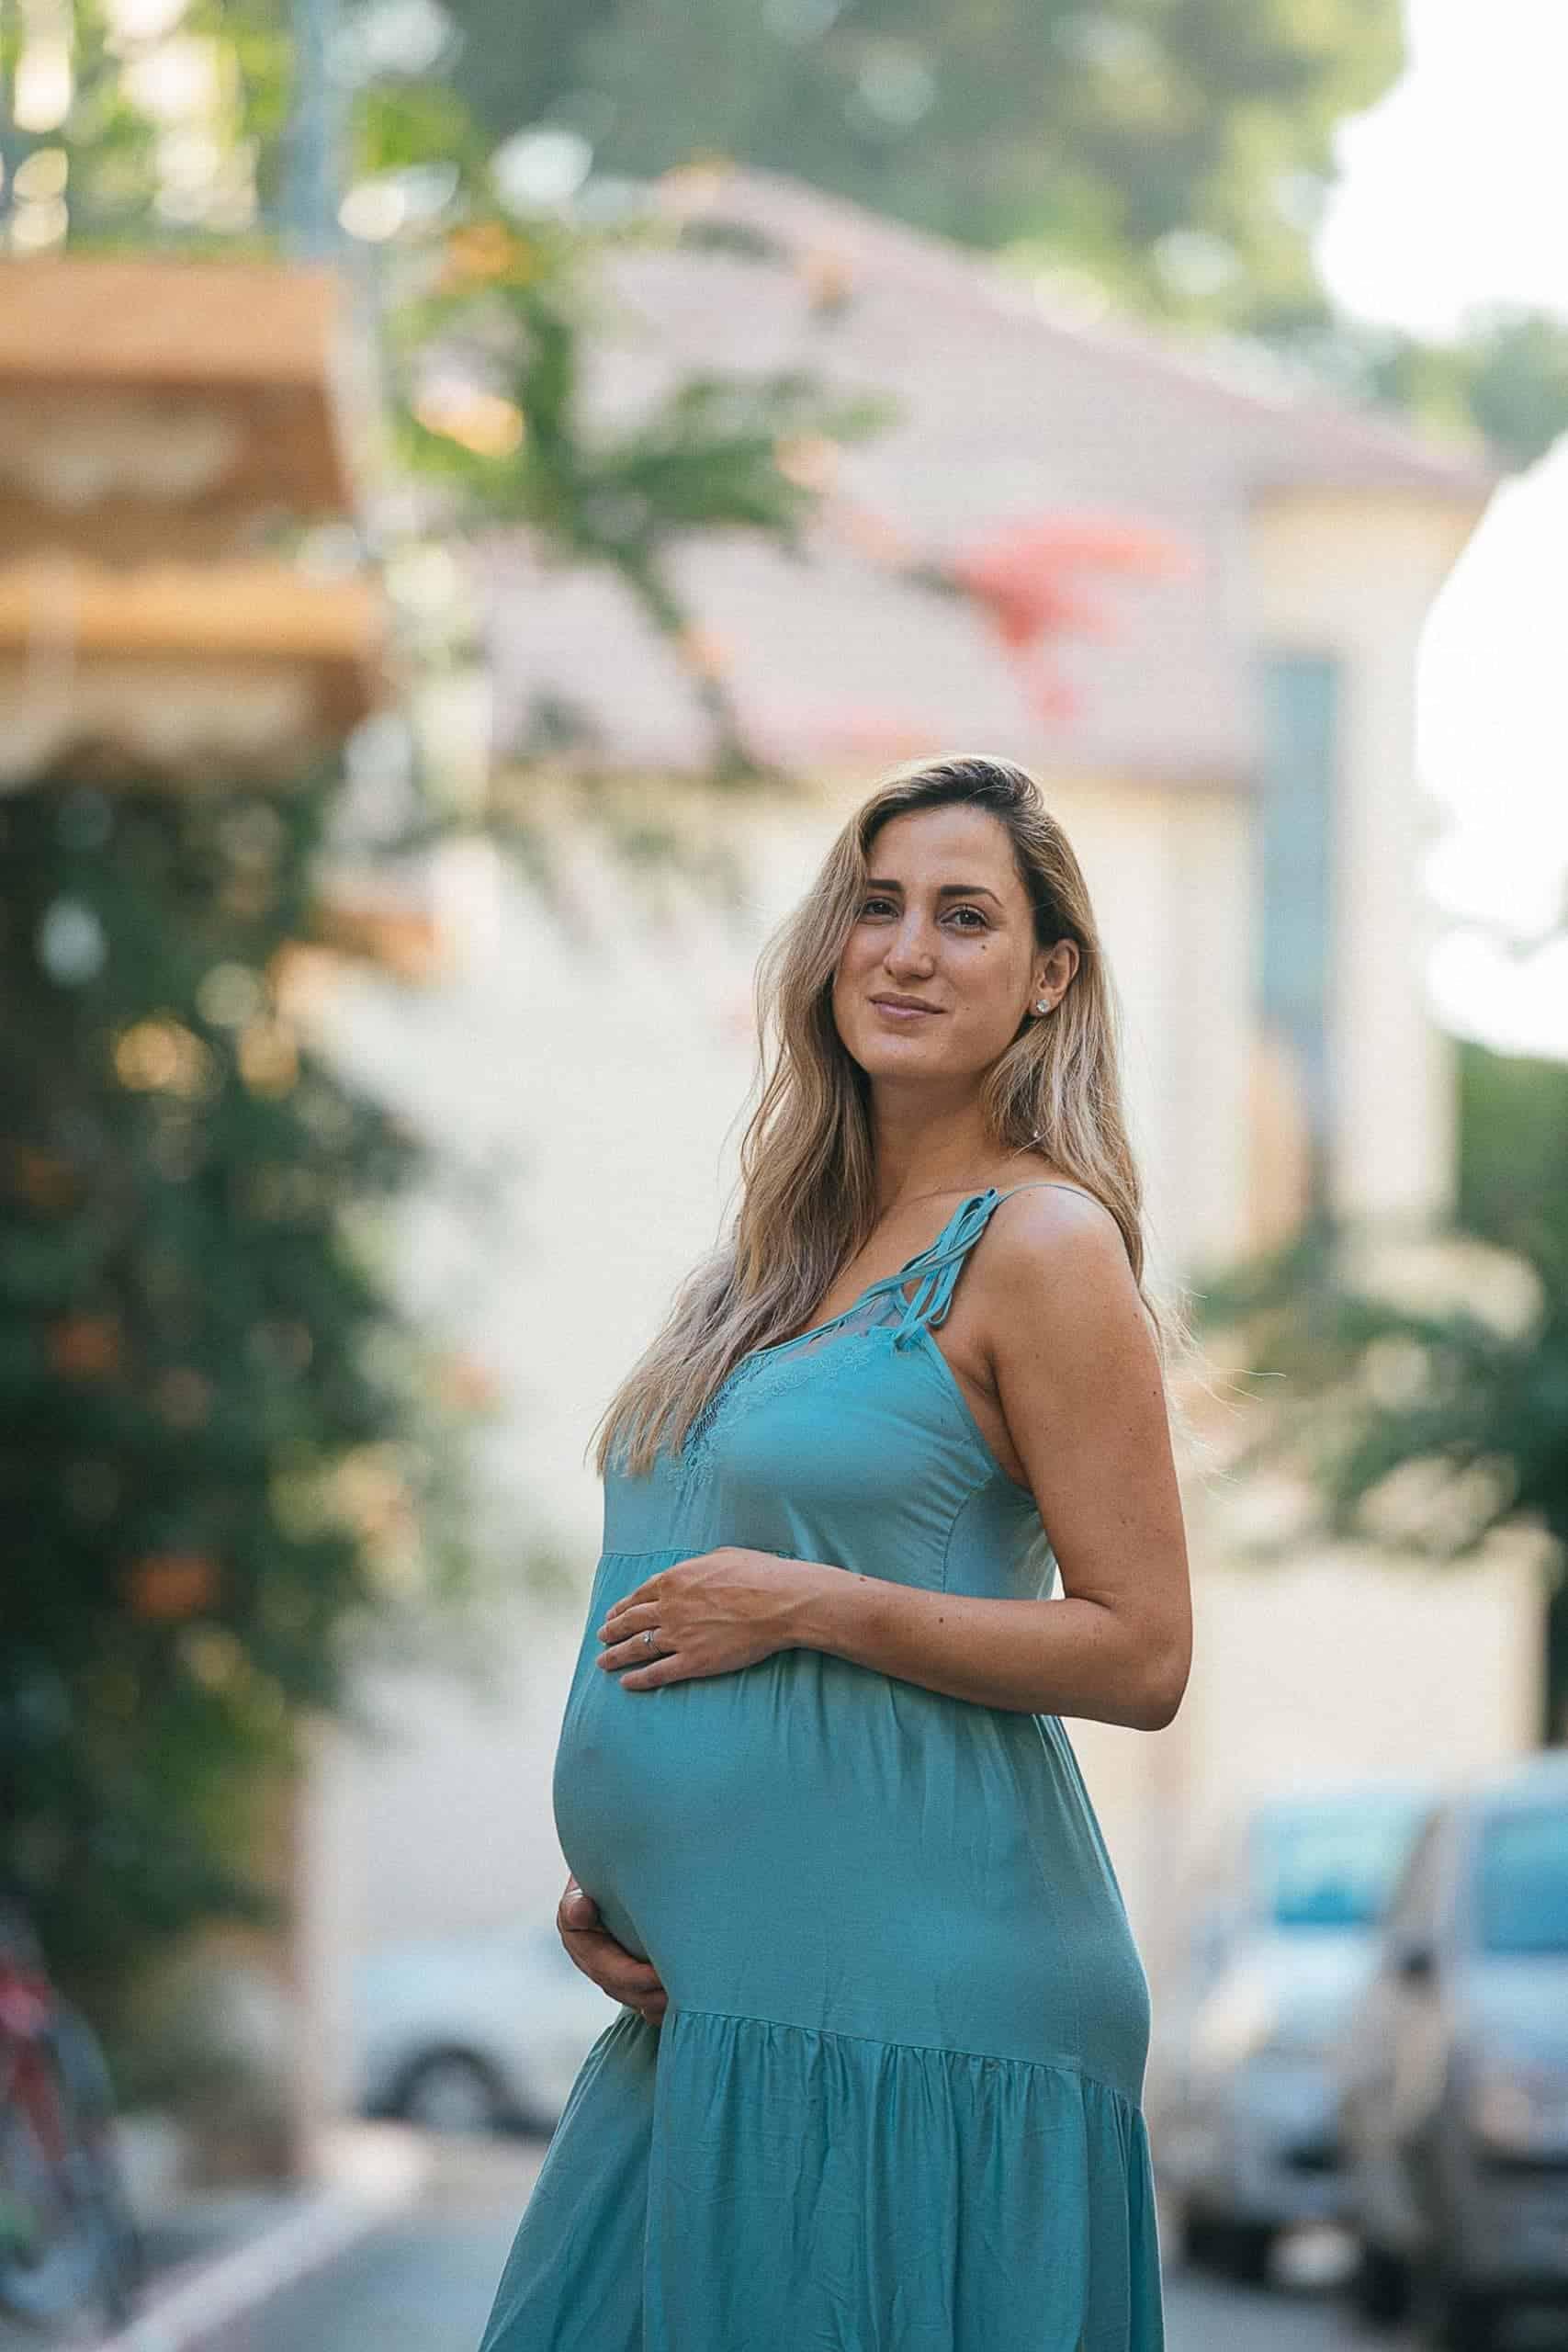 צילומי הריון בטבע | צילומי הריון